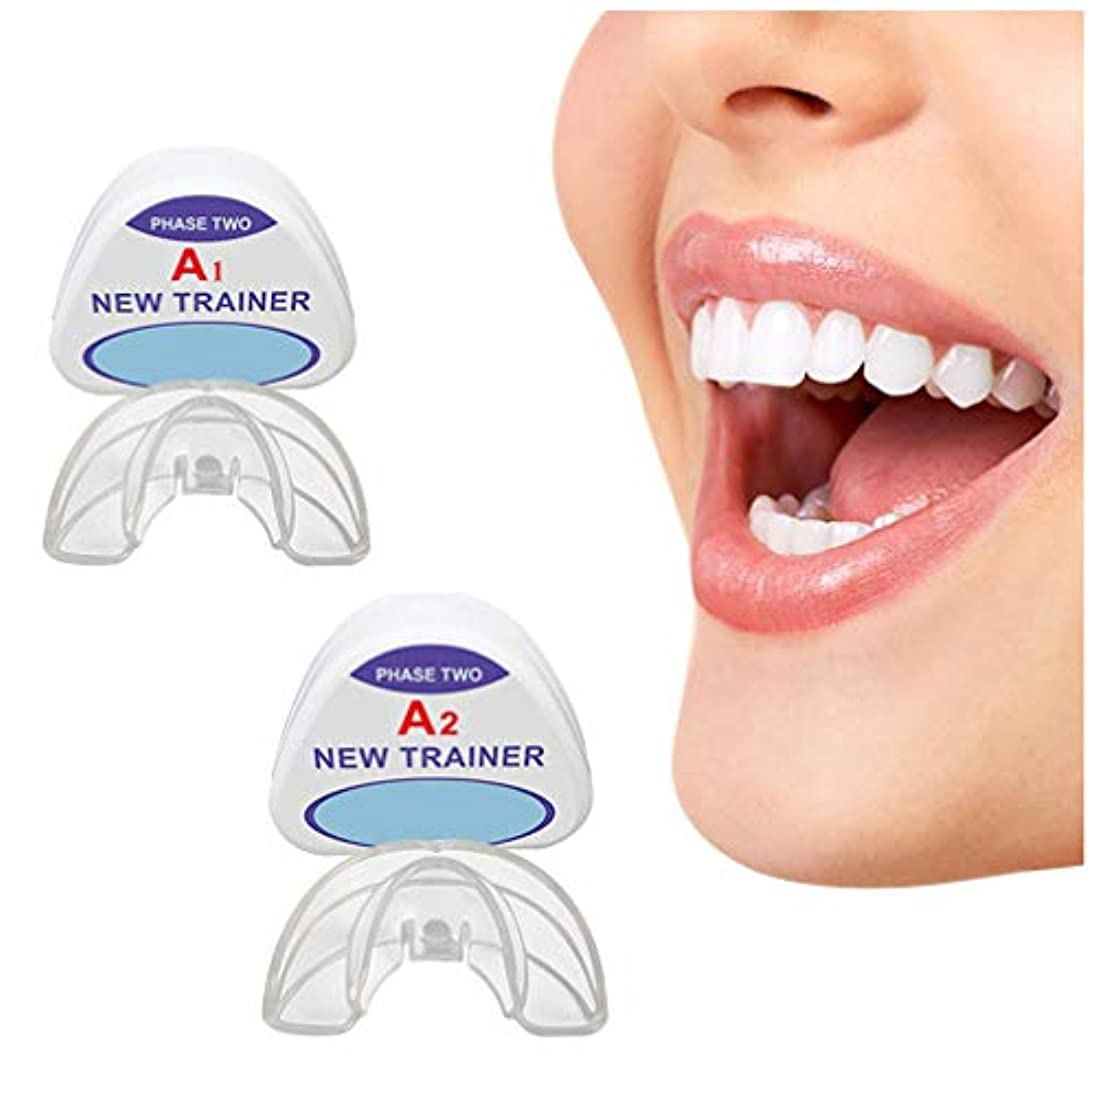 王位話をする交じる歯アライメントトレーナーリテーナー、歯科矯正トレーナー、ナイトマウスガードスリムグラインドプロテクター、大人のためのトレーナー歯アライメントブレース,A1+A2